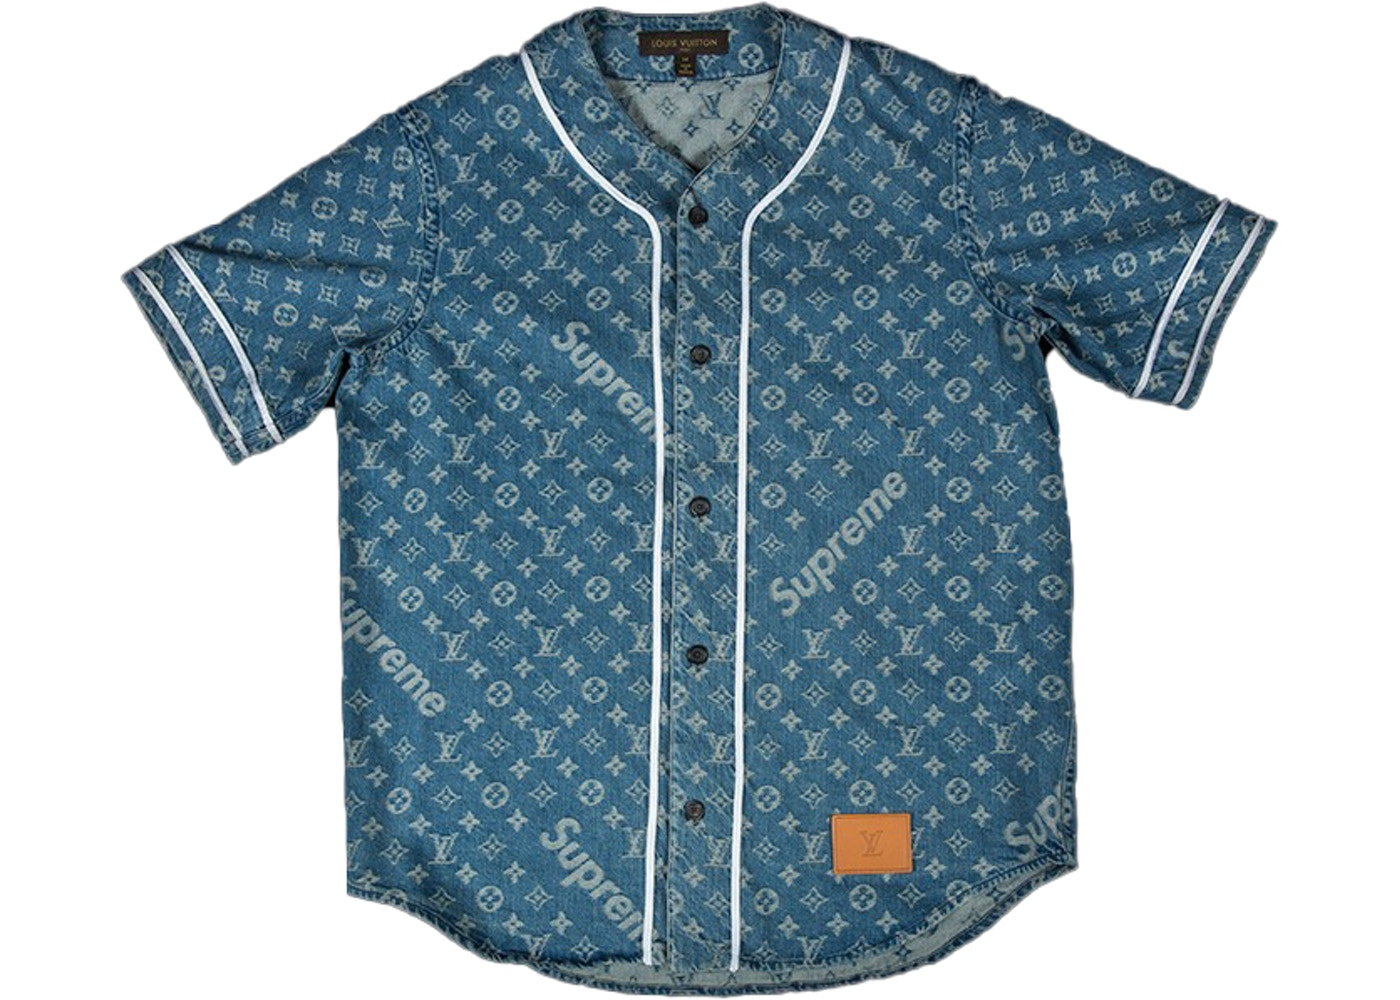 7c420ea15 Supreme x Louis Vuitton Jacquard Denim Baseball Jersey Blue